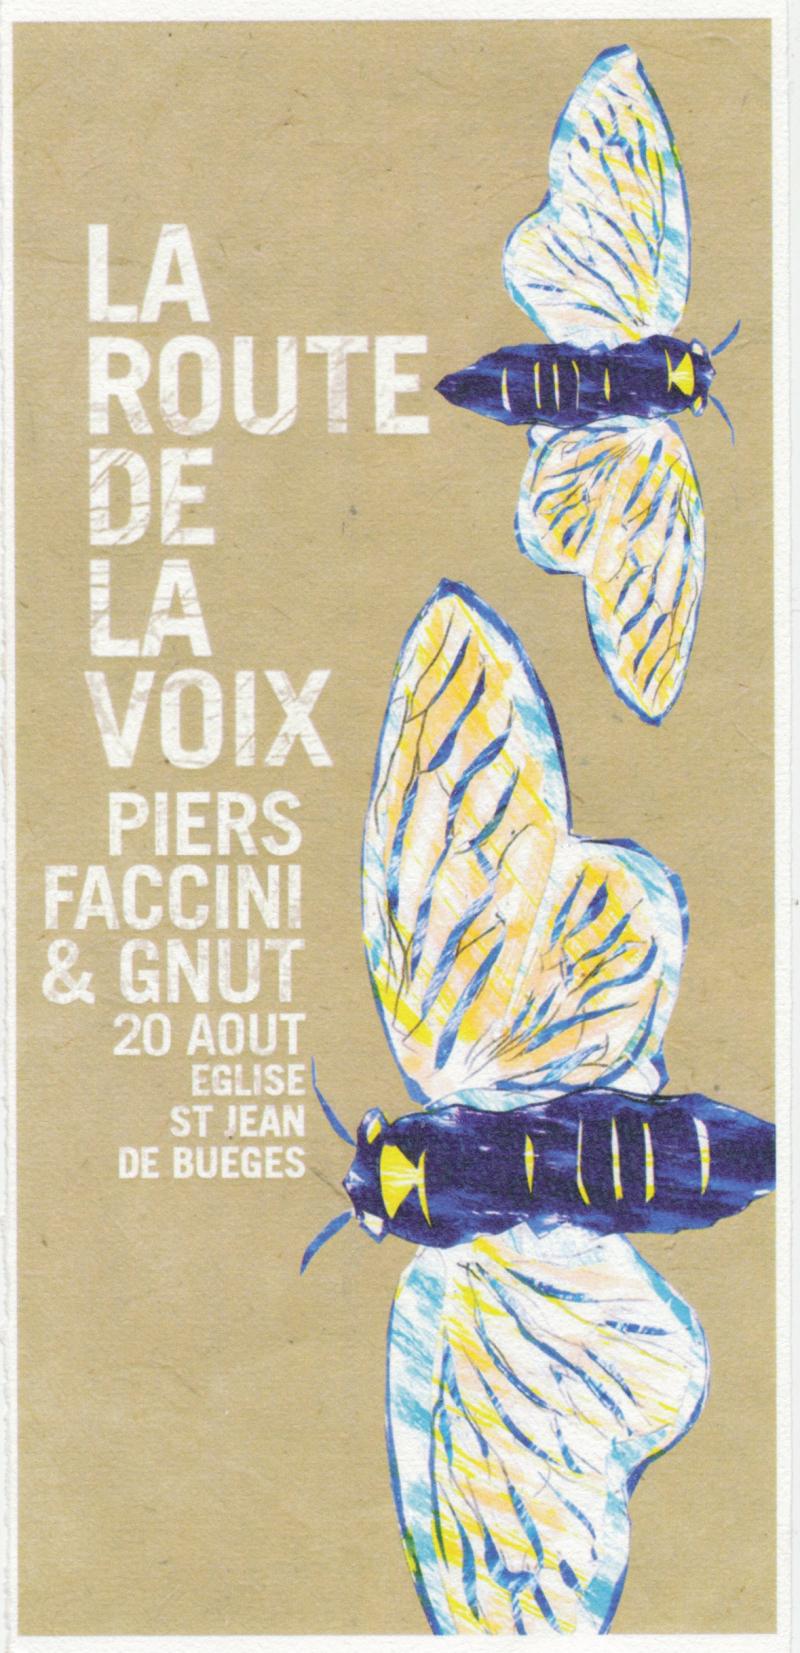 Route-de-la-voix-2015-2